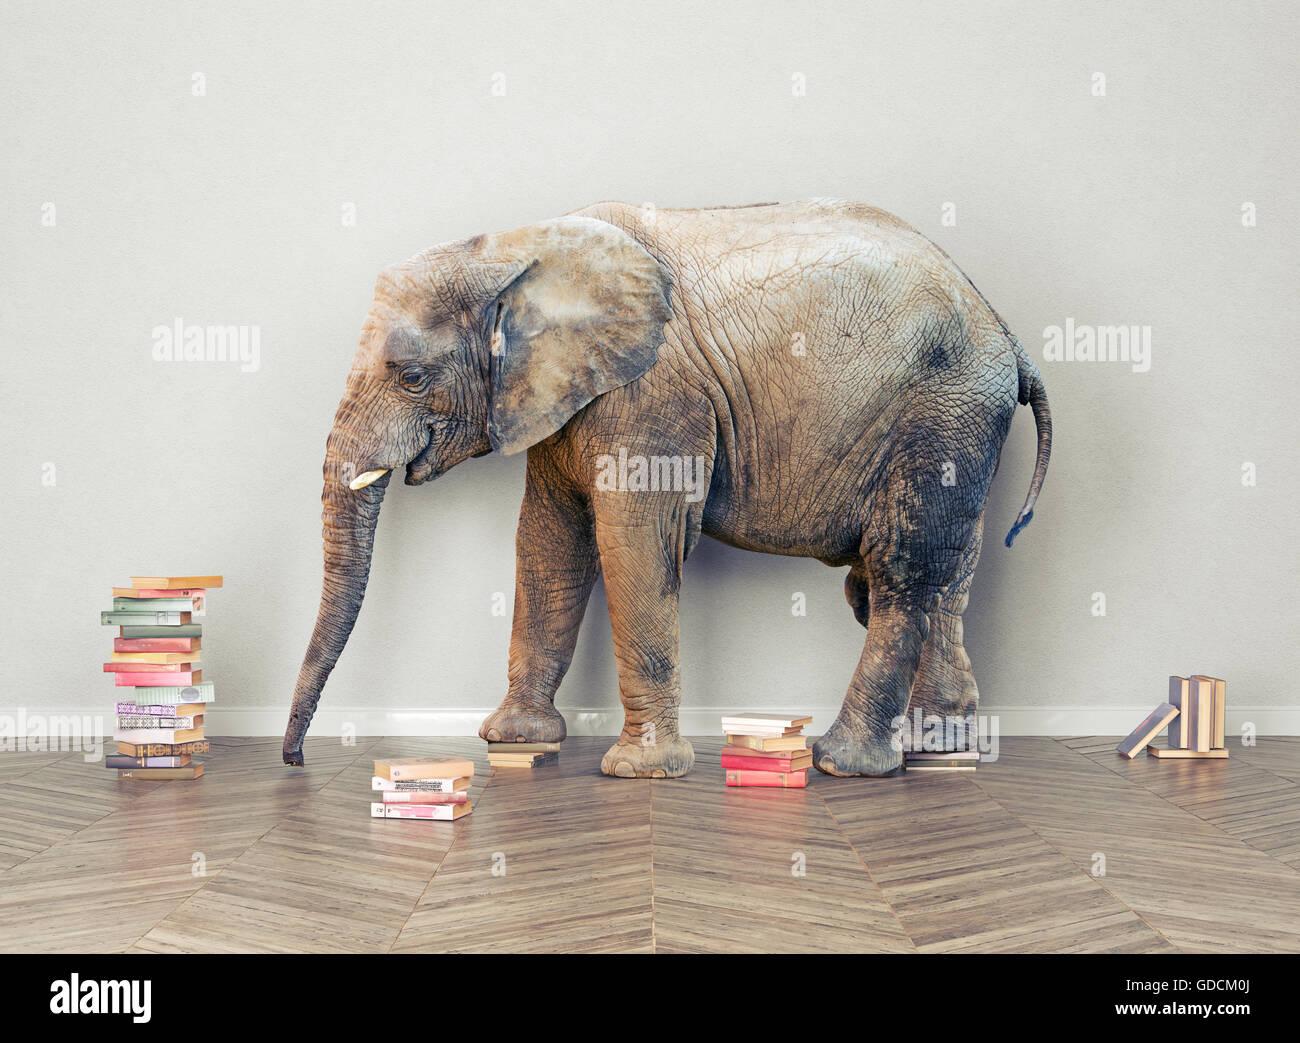 ein Elefant im Raum mit Booksl. Kreativkonzept Stockbild